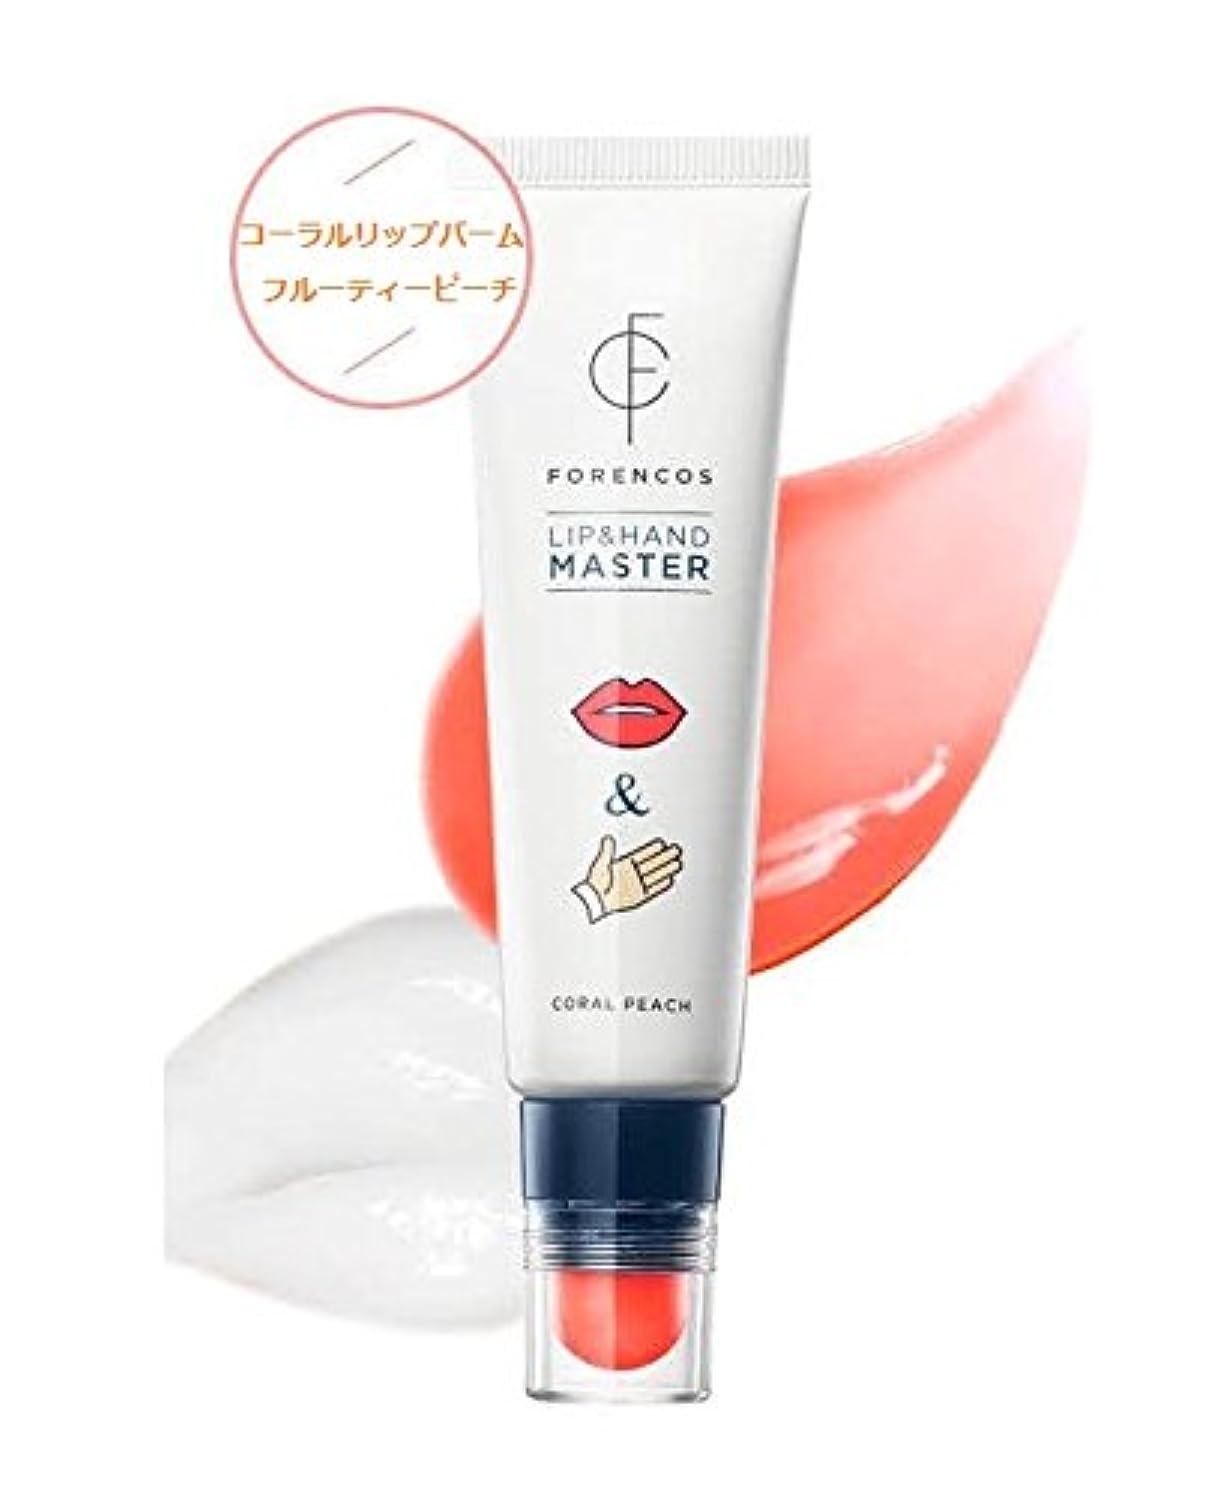 編集者陰気ホバーFORENCOS Lip&Hand Master (CORAL PEACH) / フォレンコス リップ&ハンドマスター (ハンドクリーム リップバーム) [並行輸入品]